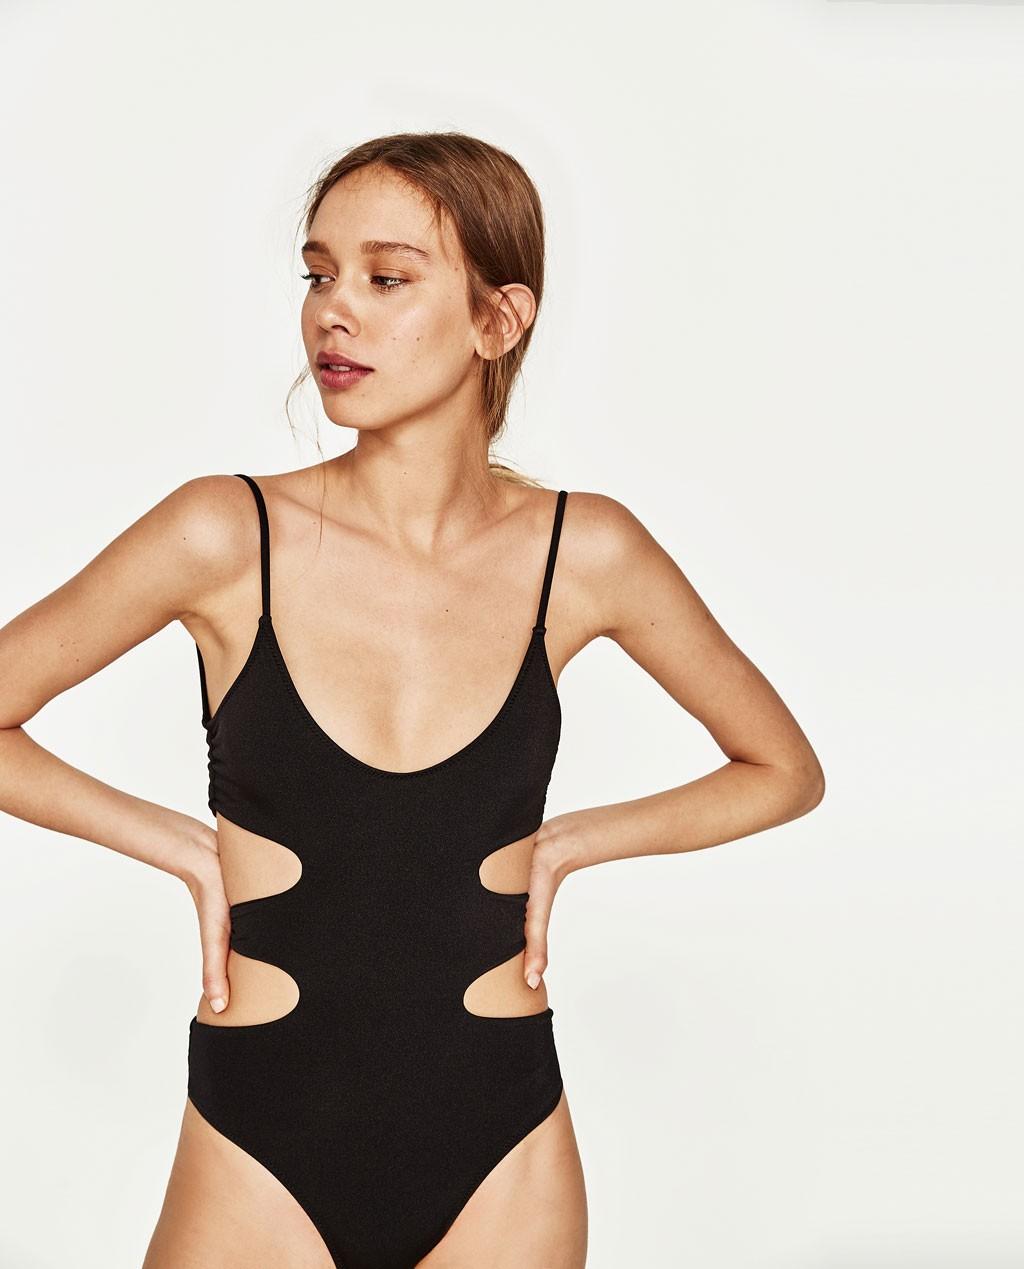 модные купальники 2019-2020: черный с боковым вырезом